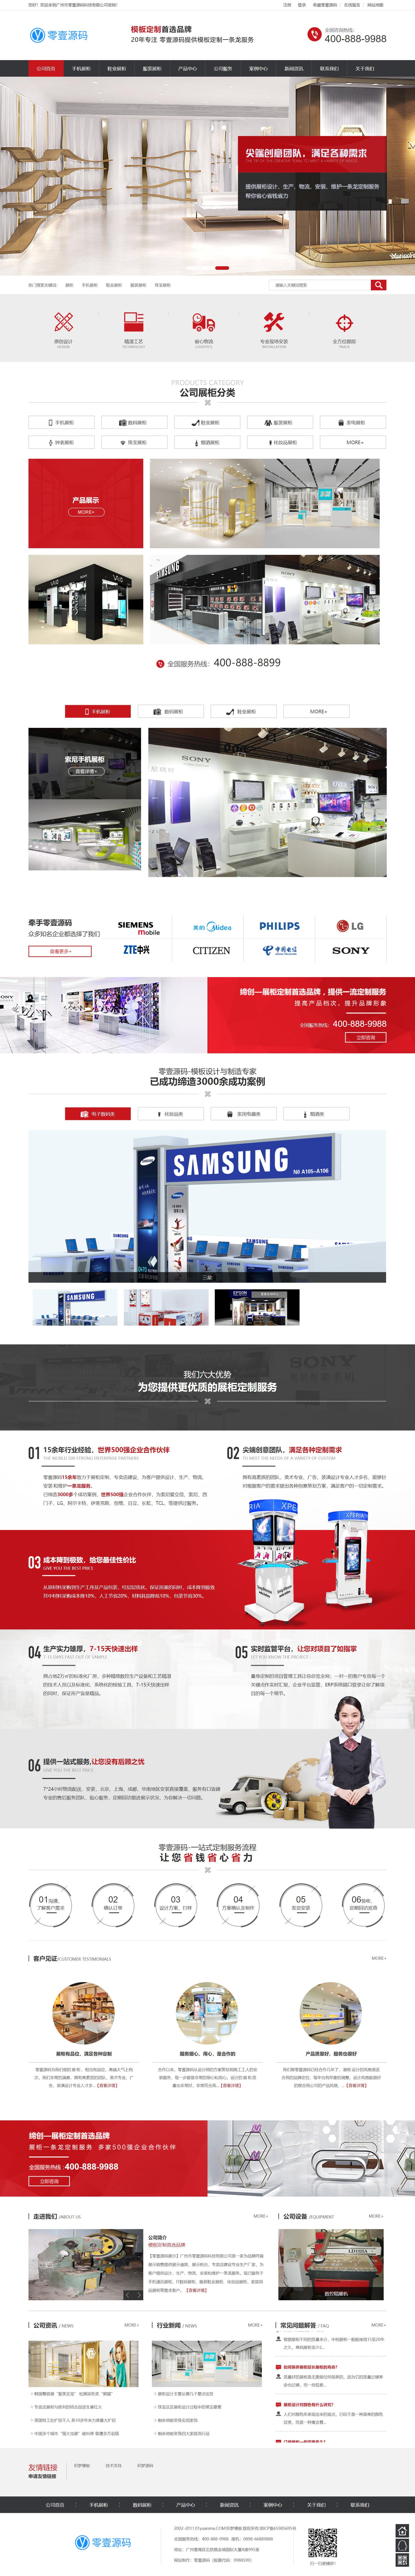 展柜展览展示类企业公司织梦dedecms模板(修正版)